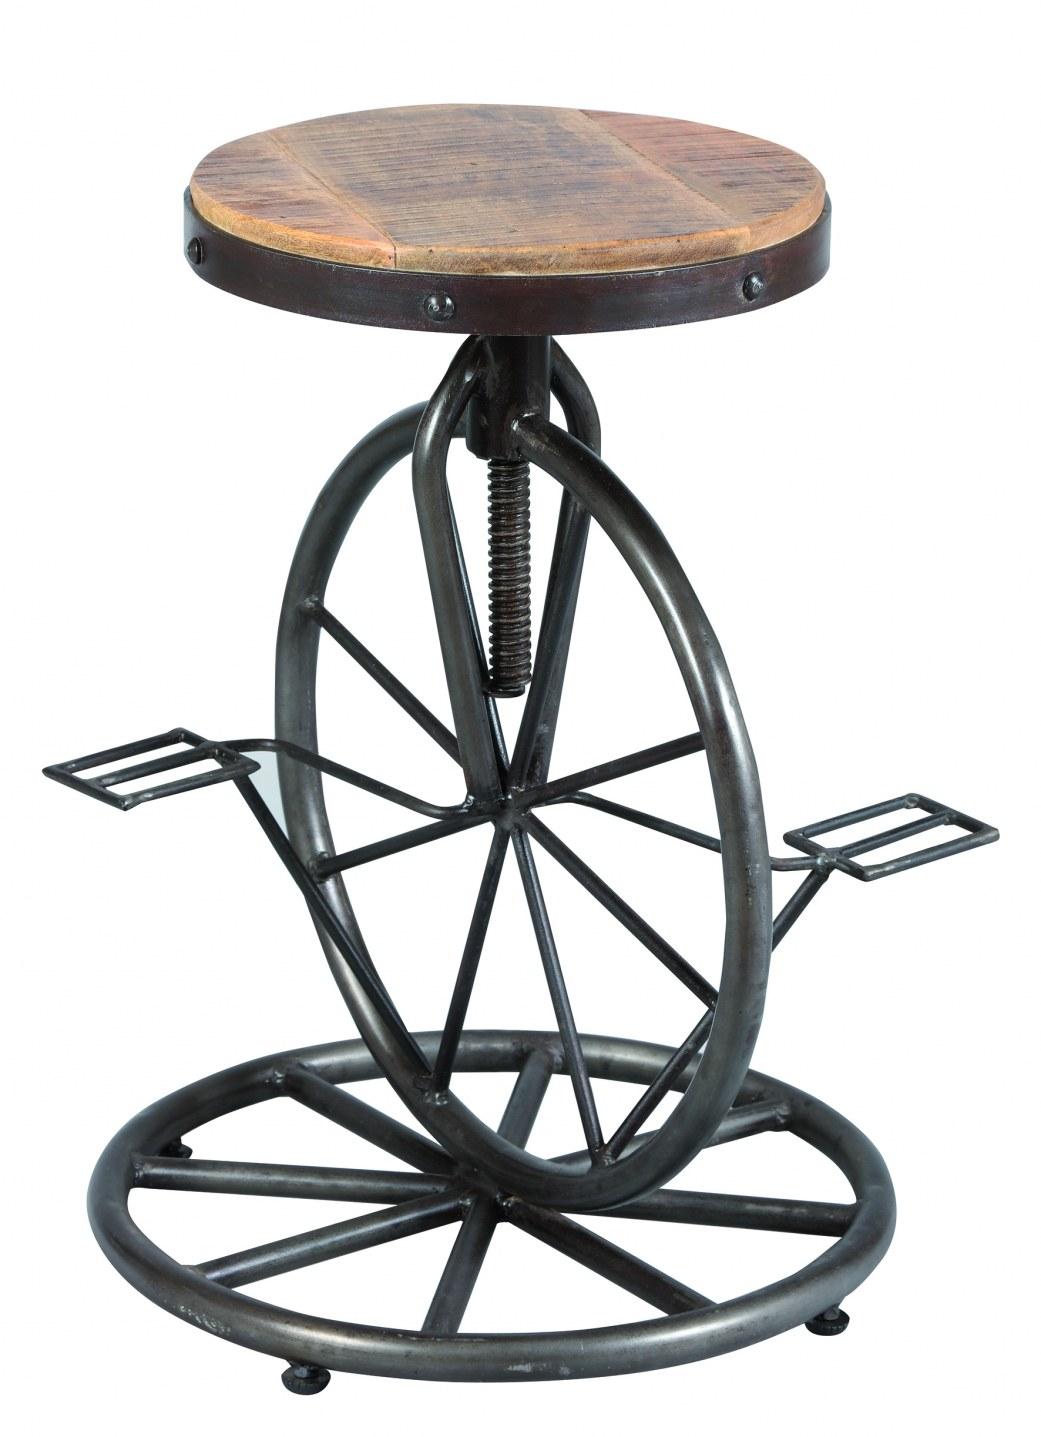 tabouret a vis ref 1891 assise bois pietement en acier